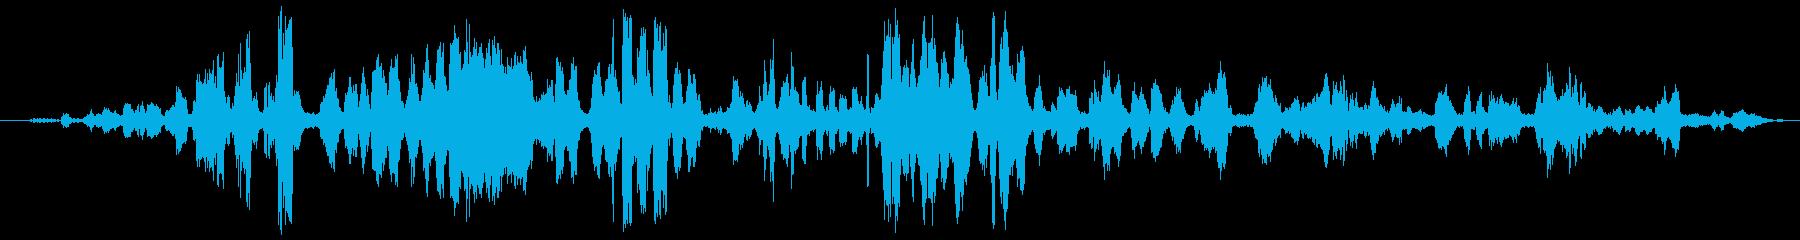 熱帯の鳥の再生済みの波形